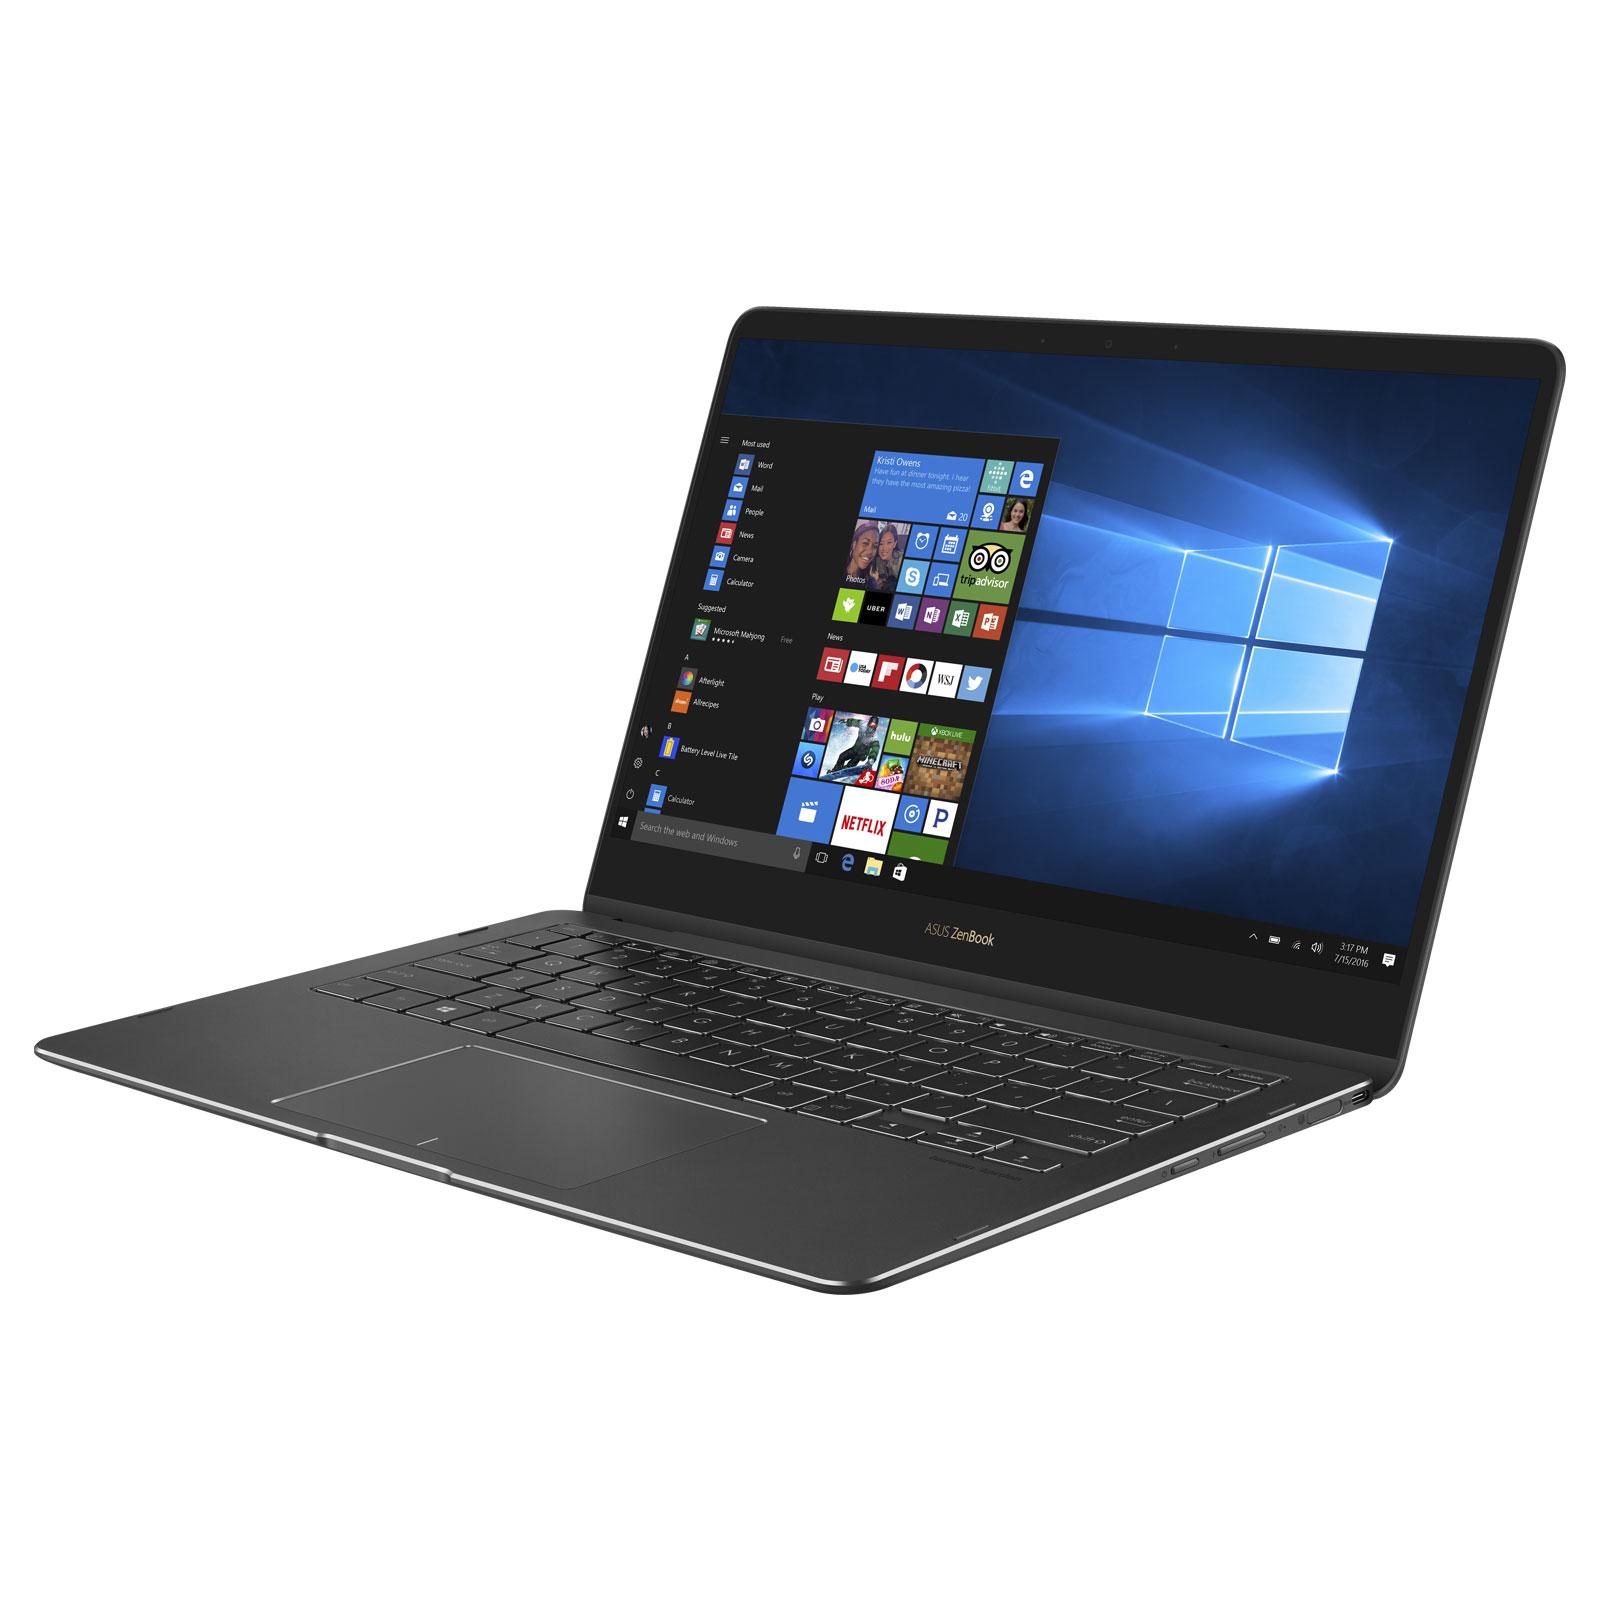 Asus 90NB0EN2-M08190 - PC portable Asus - Cybertek.fr - 4